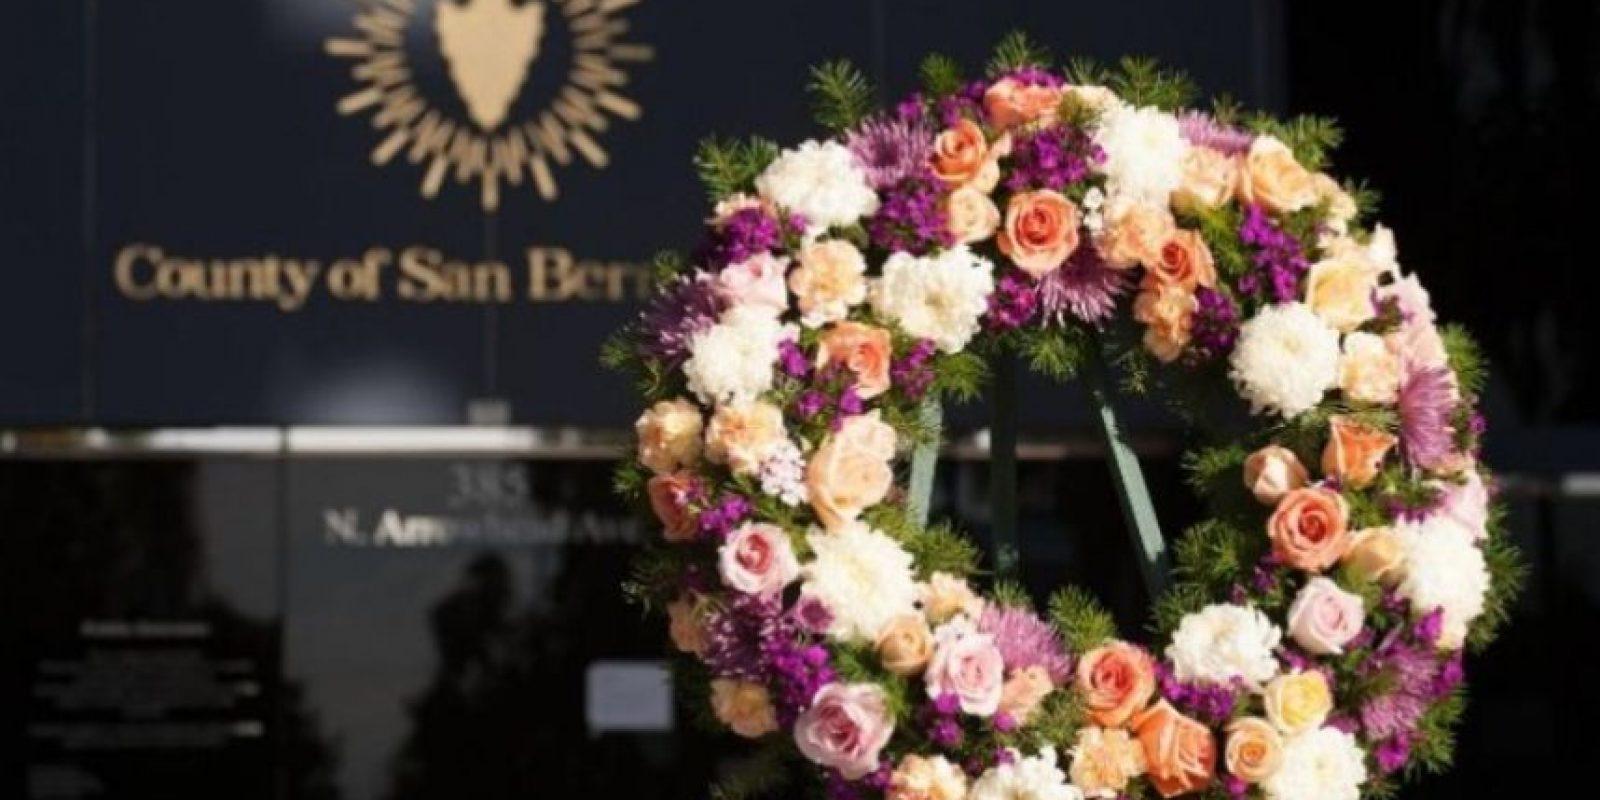 Los locales y todo el país lamentó la muerte de estas personas. Foto:Getty Images